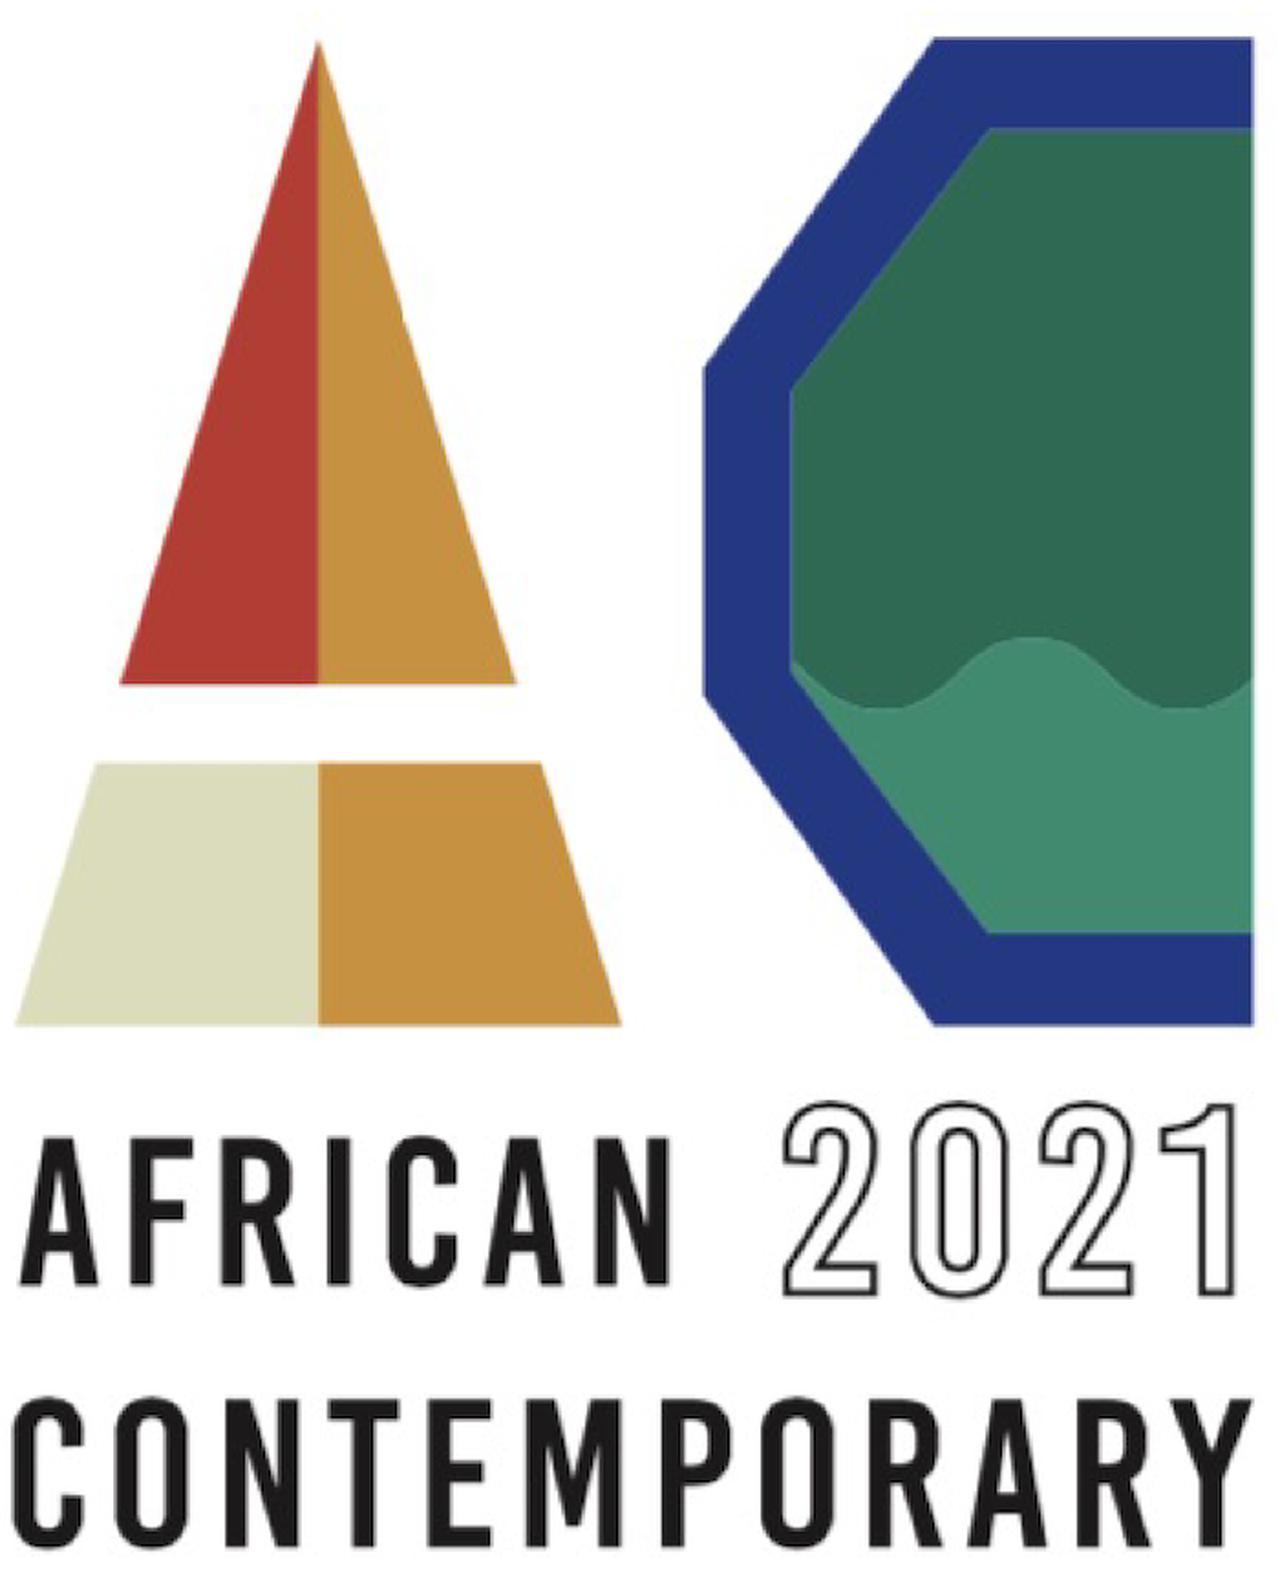 画像: 21世紀のアフリカのカルチャーの祭典